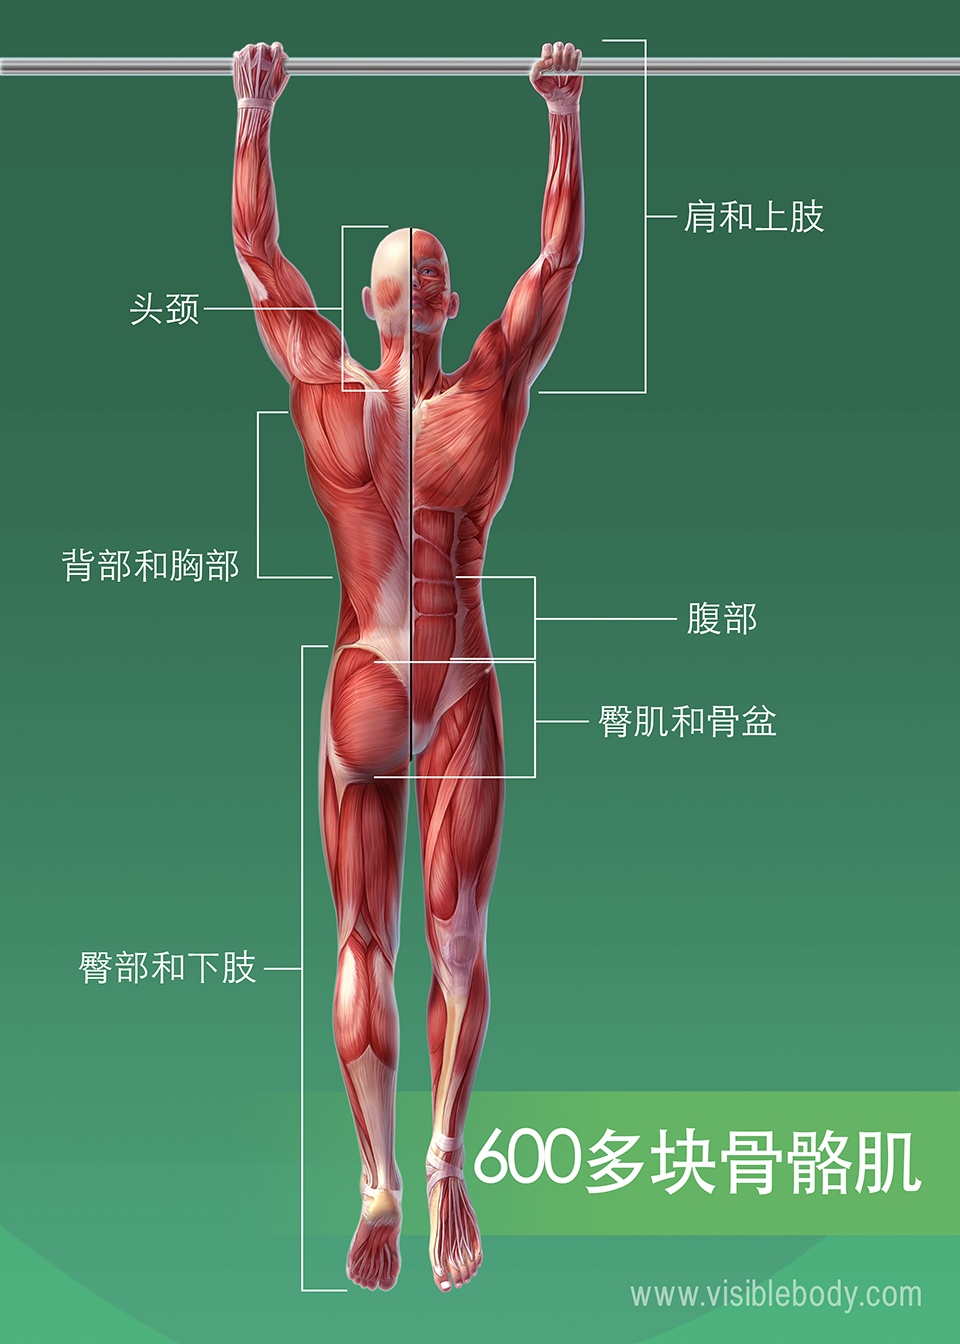 人体肌肉/600块以上的骨骼肌